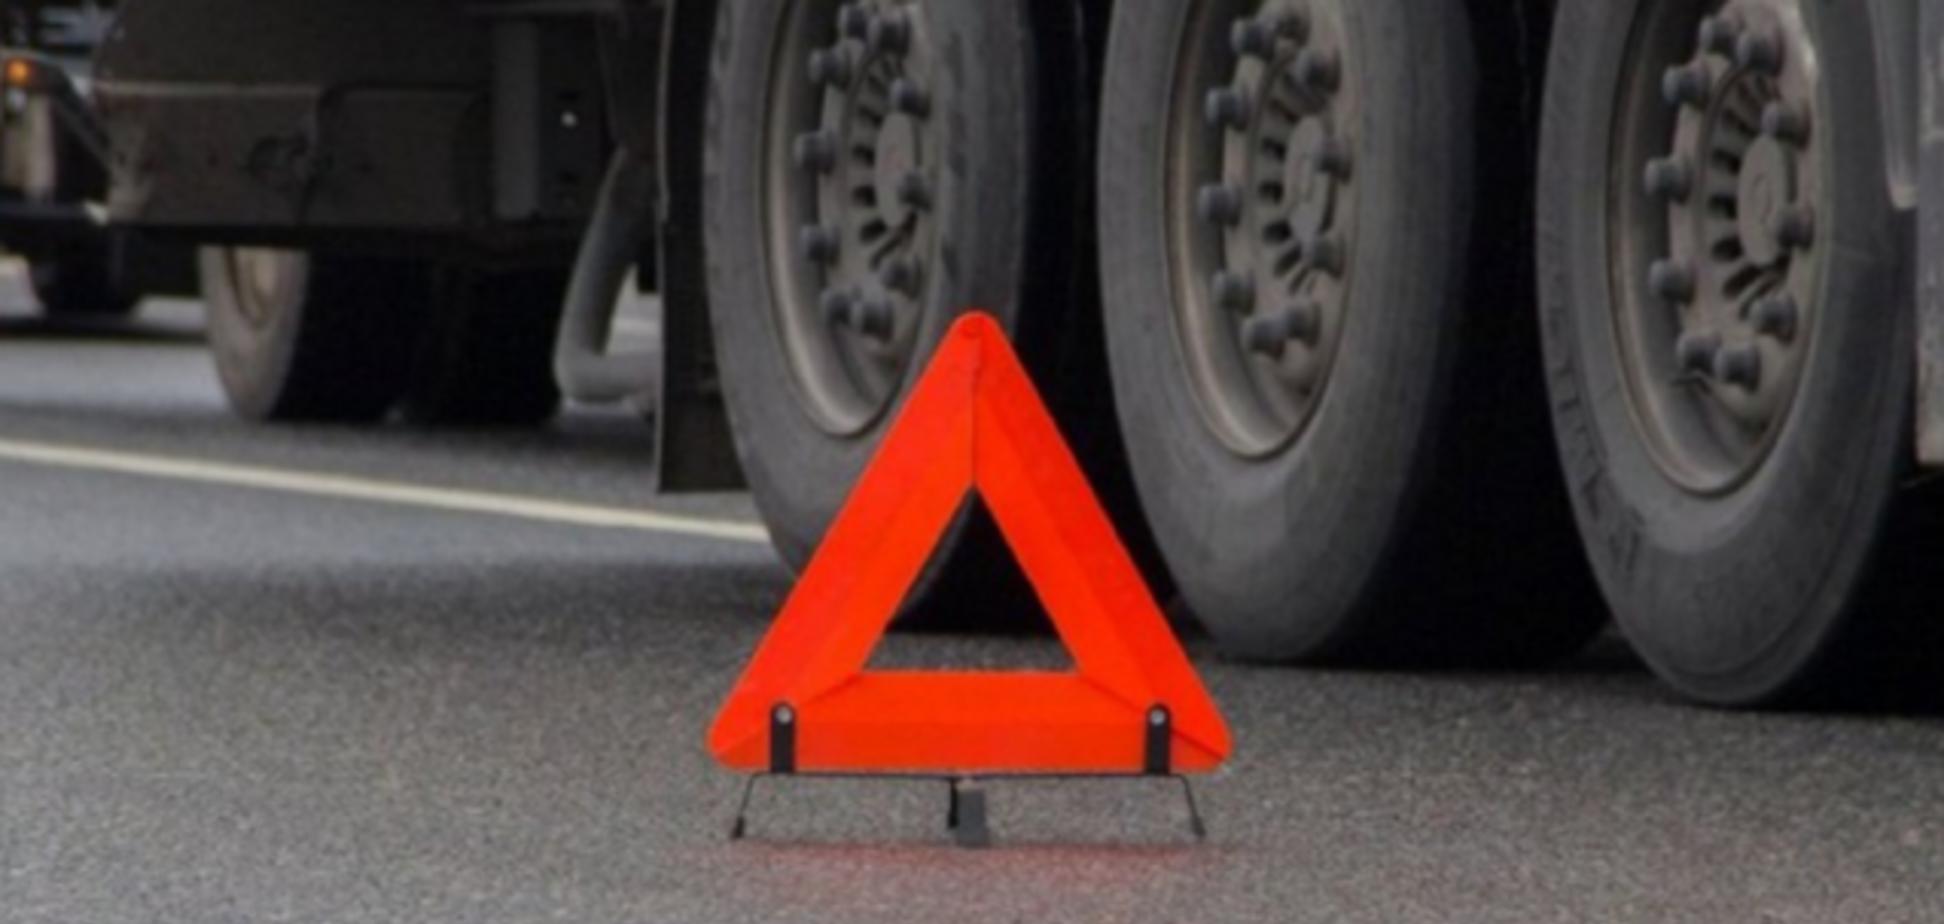 Відлетіло колесо: в Кривому Розі відбулася жорстка ДТП з вантажівкою. Фото